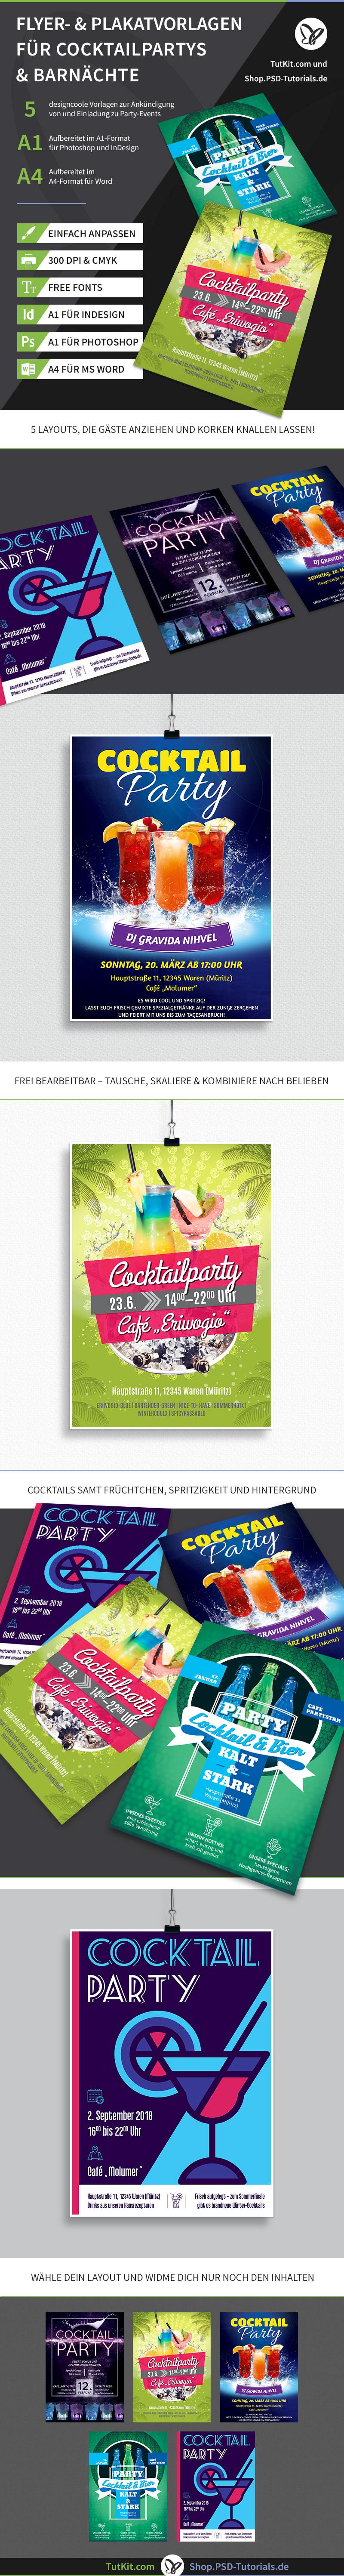 Überblick über die Plakat- und Flyer-Vorlagen zum Thema Cocktailpartys und Barnächte